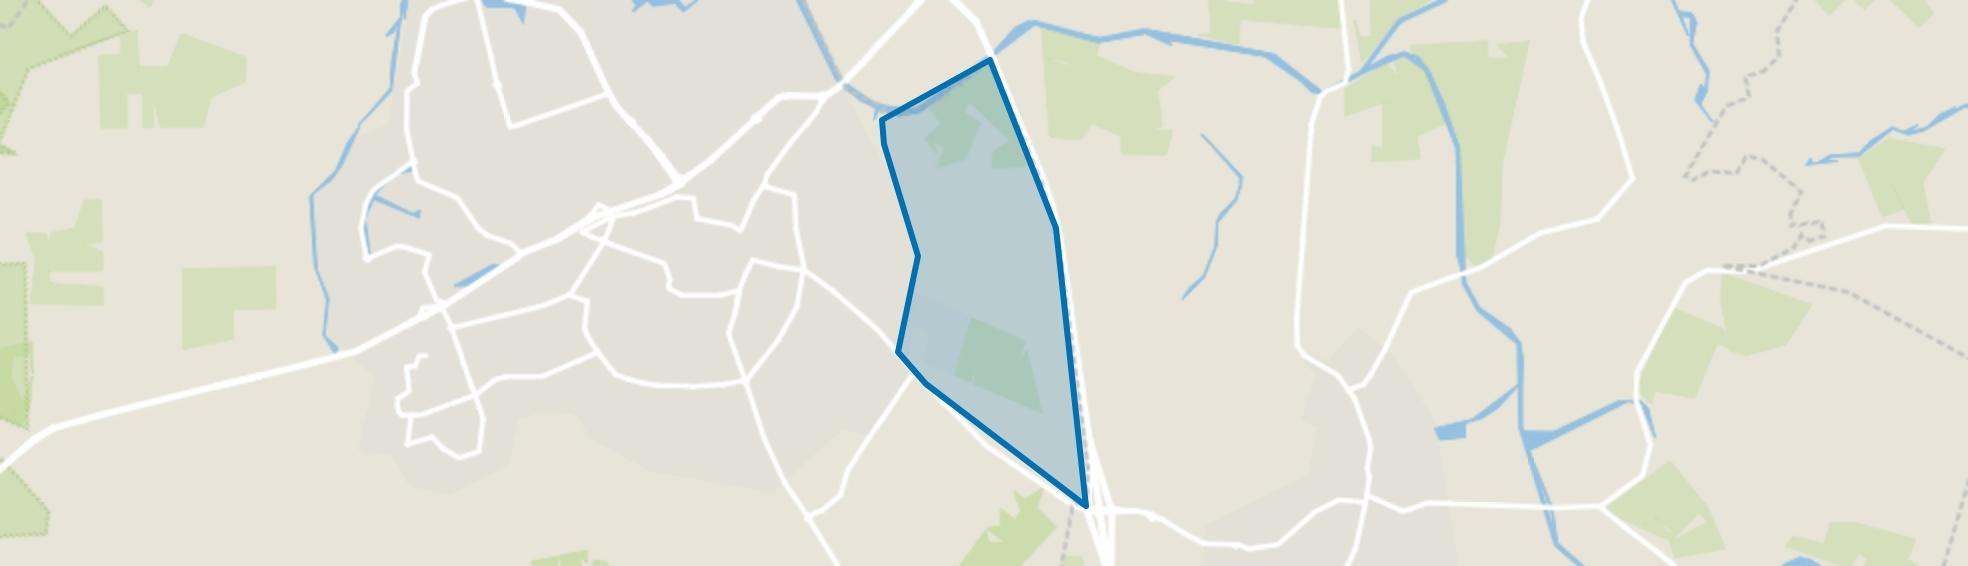 Opbroek, Rijssen map